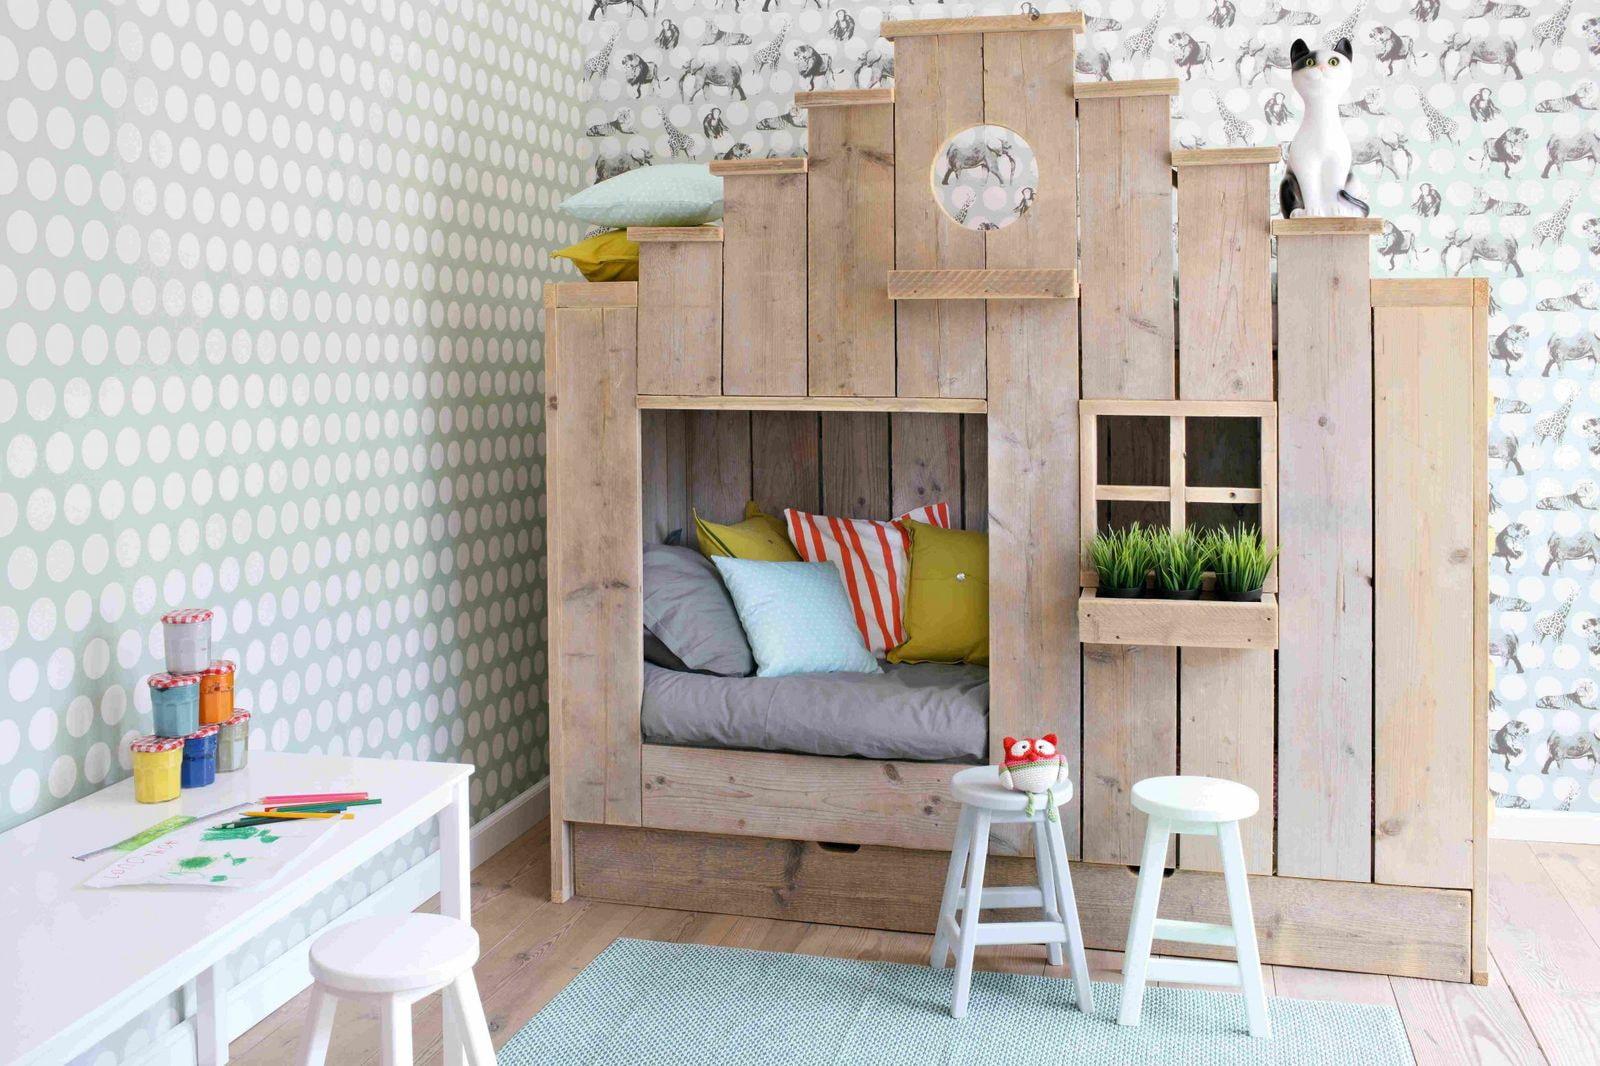 кровать домик идеи